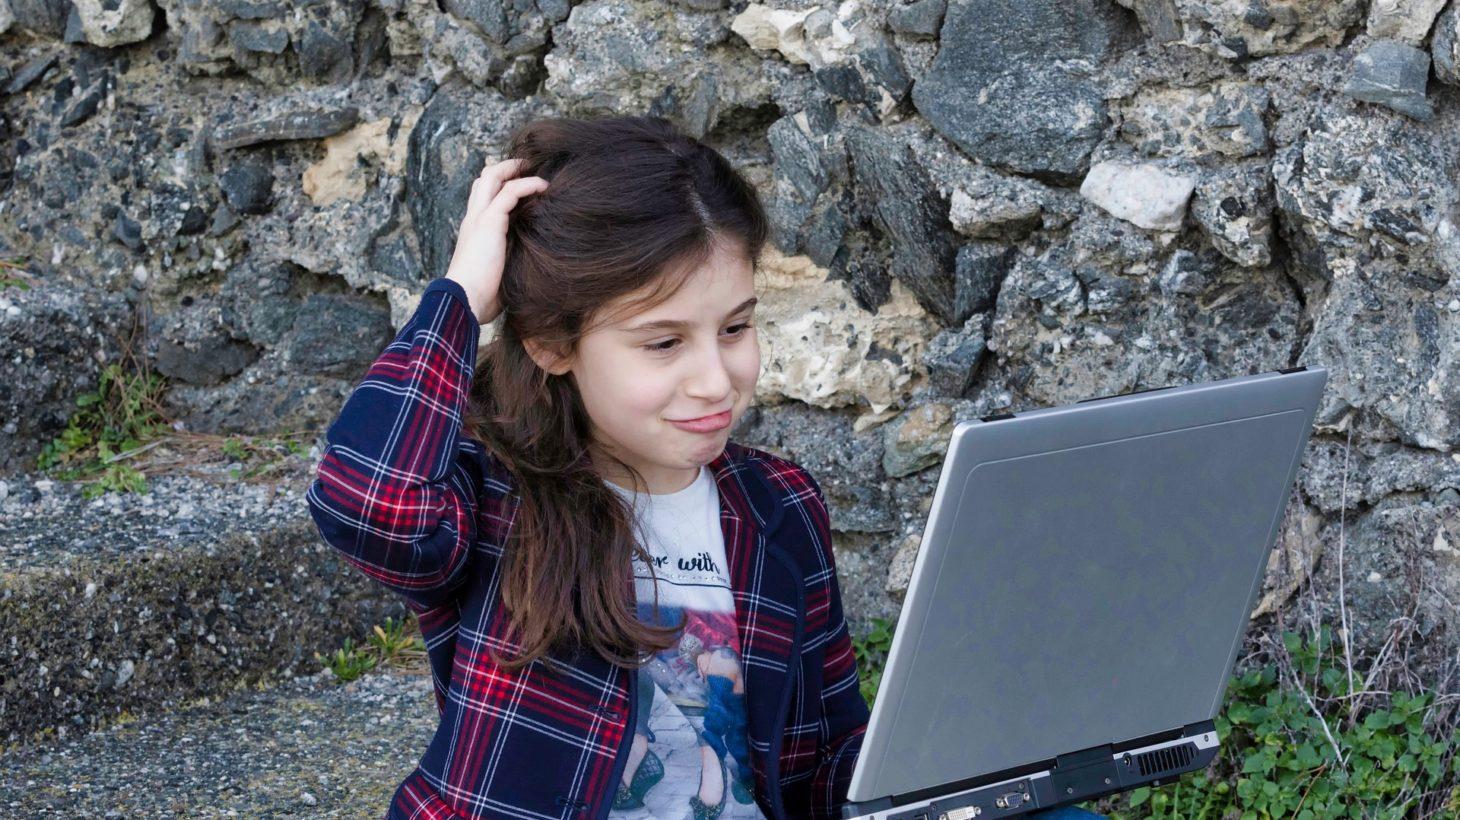 Flicka kliar sig i huvudet samtidigt som hon tittar in i en dators skärm.